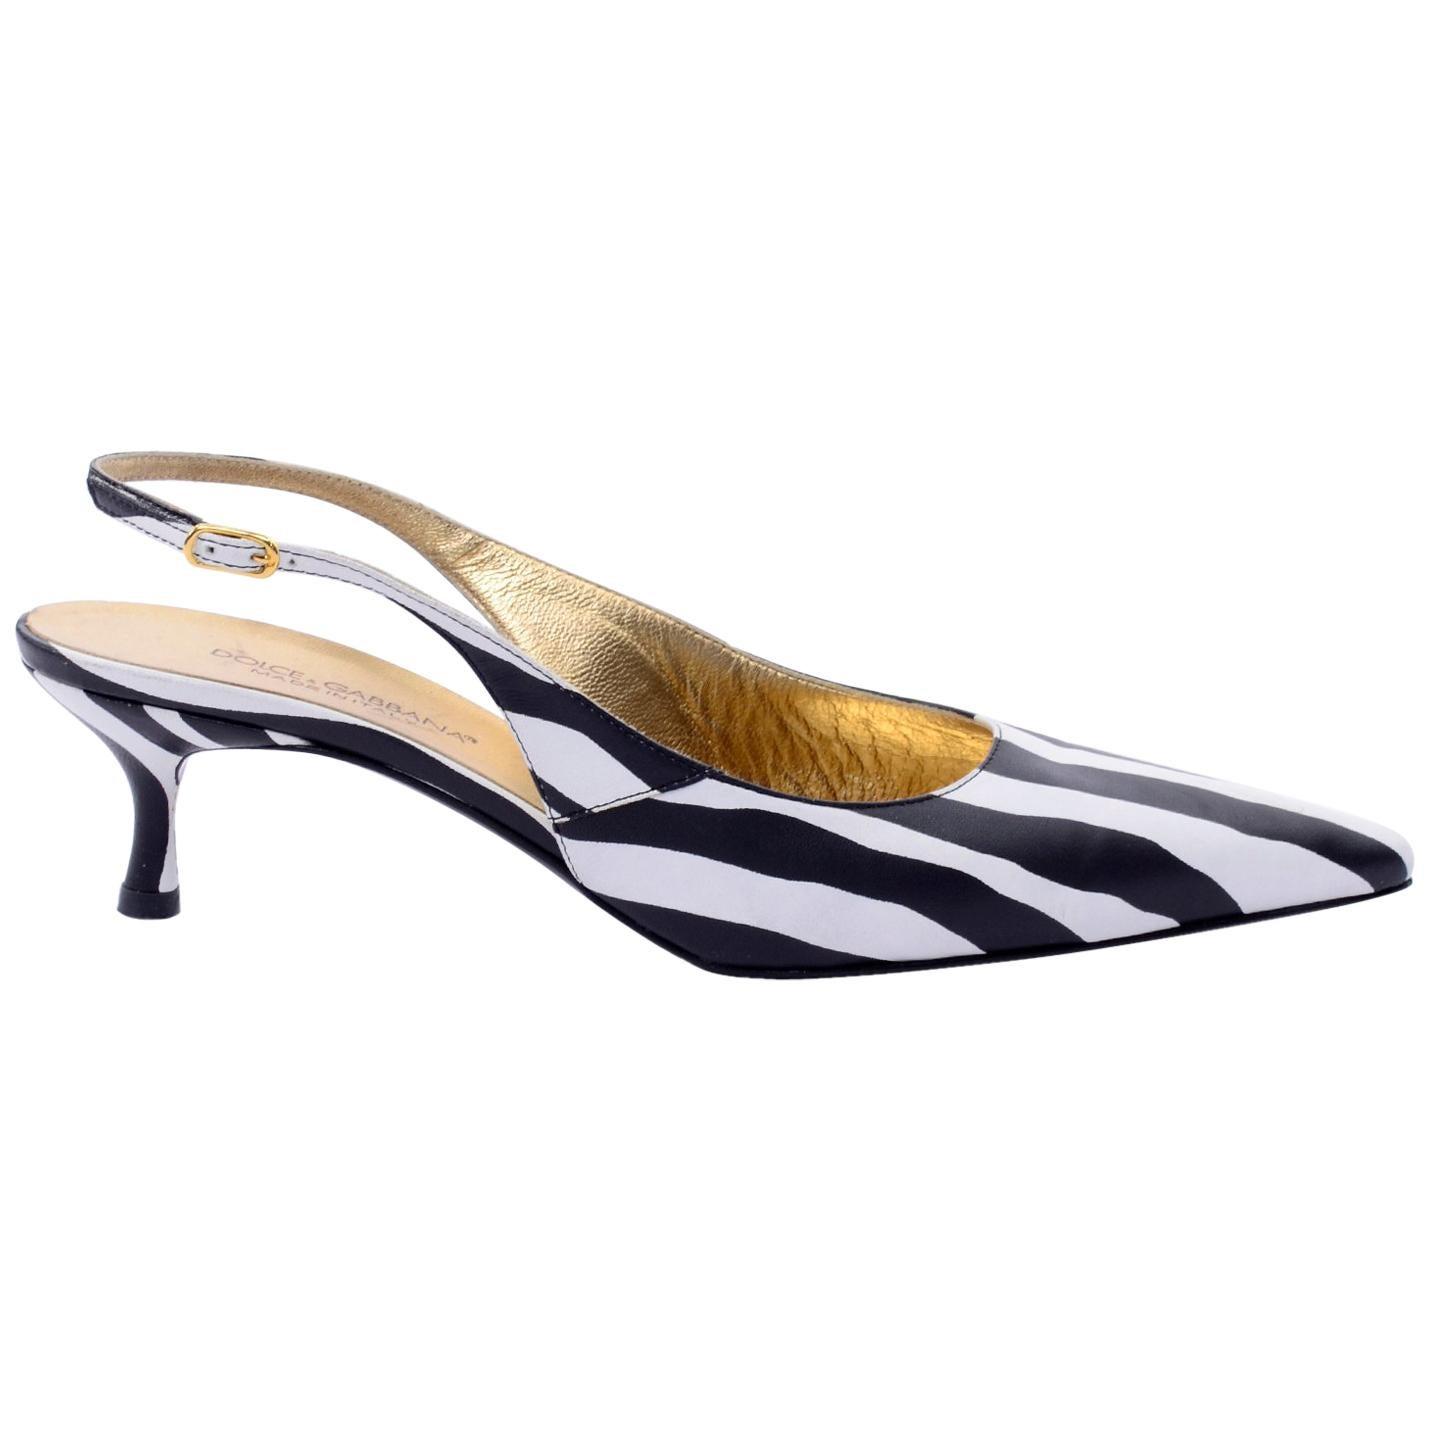 Dolce & Gabbana Zebra Stripe Shoes Vintage Sling Back Kitten Heels in Size 38